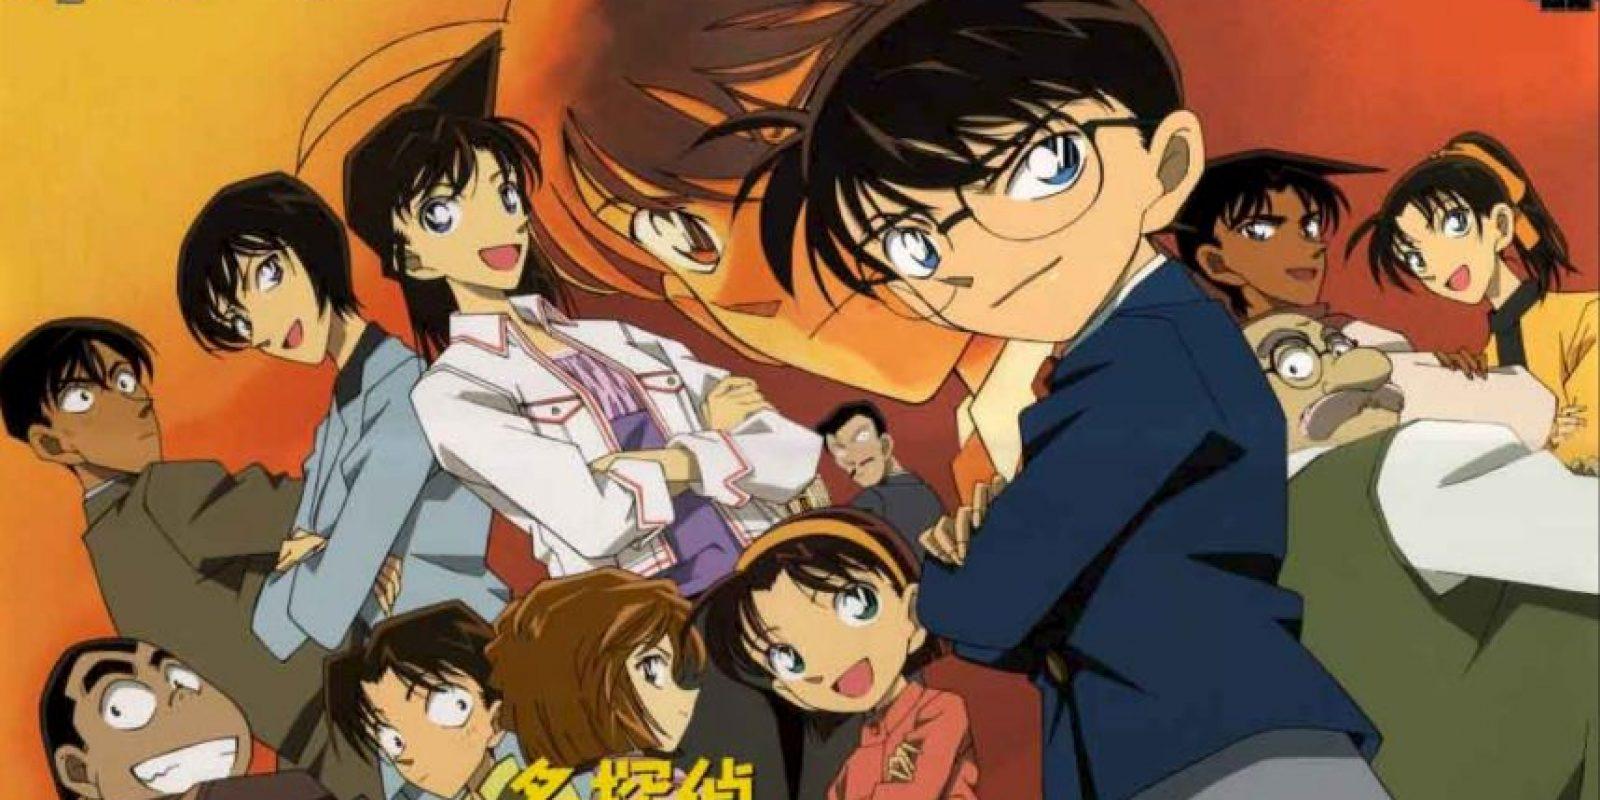 La serie tiene 376 capítulos doblados y cuatro películas. Foto:vía Tokyo Movie Shinsha